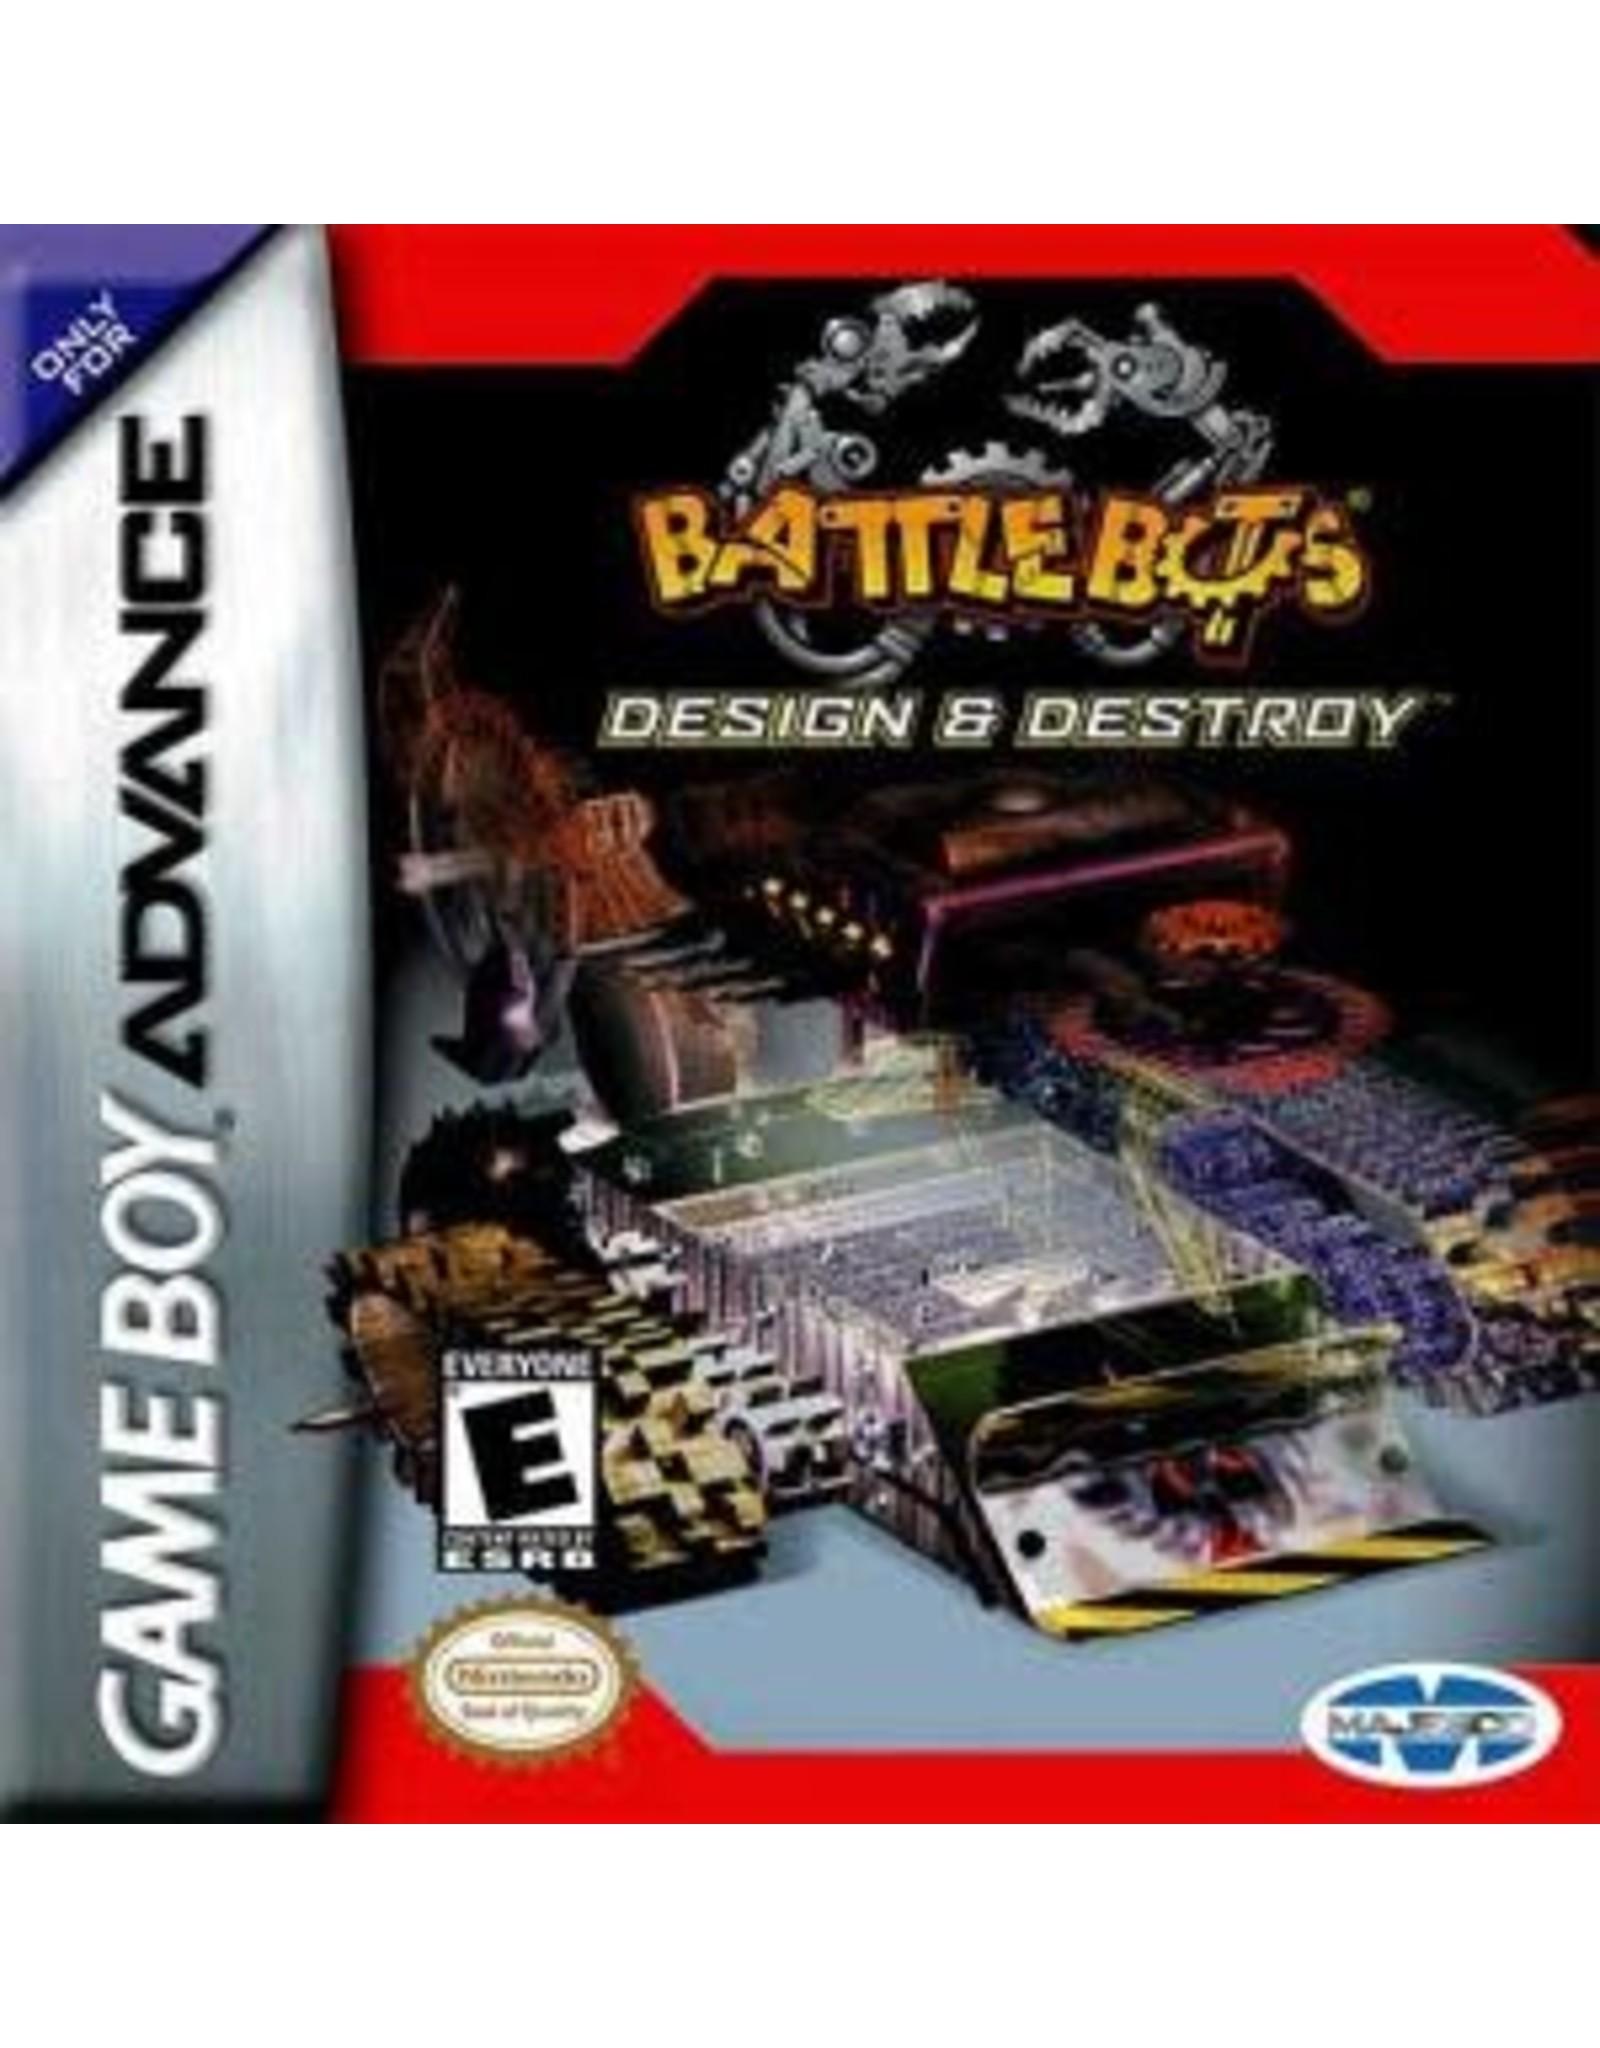 GameBoy Advance Battlebots Design and Destroy (Cart Only)